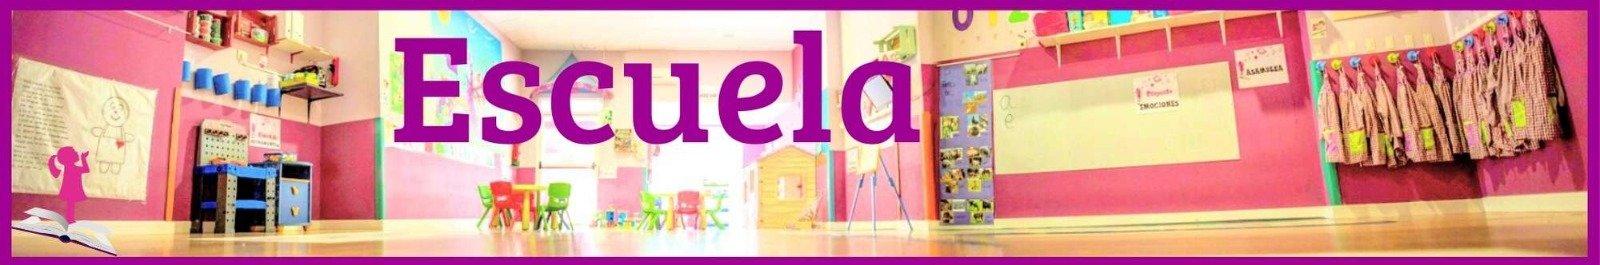 Aula infantil | Escuela infantil Albacete